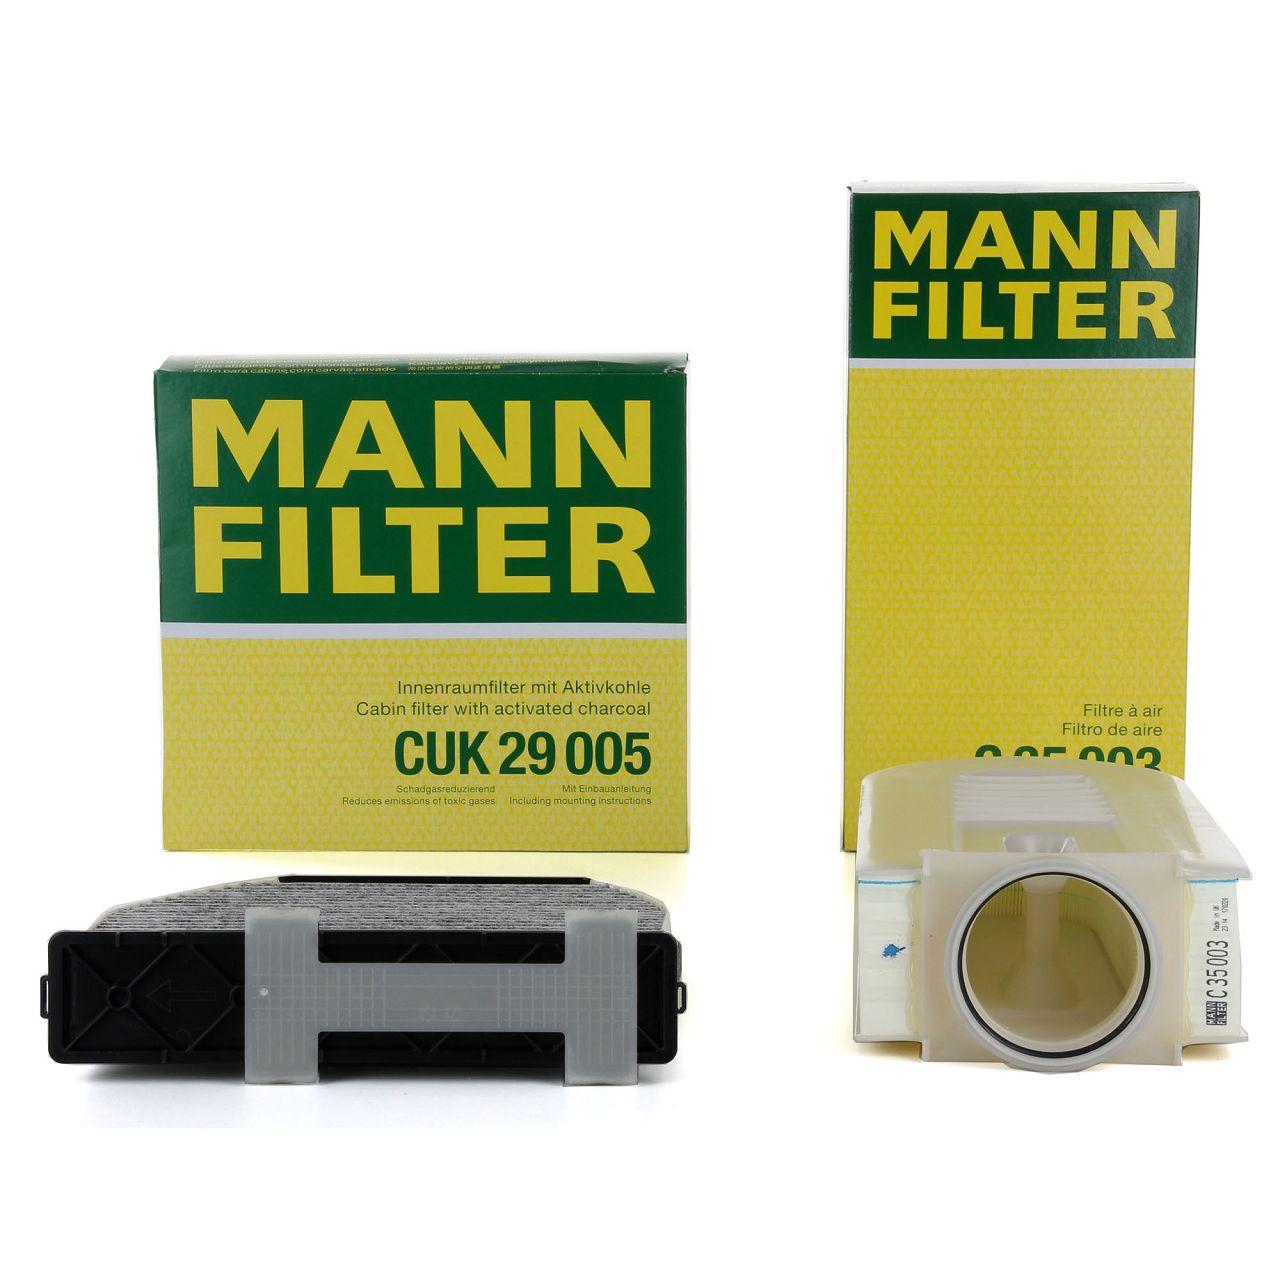 MANN Inspektionskit für MERCEDES W204 C218 W212 X204 180-250CDI 220/300BlueTEC